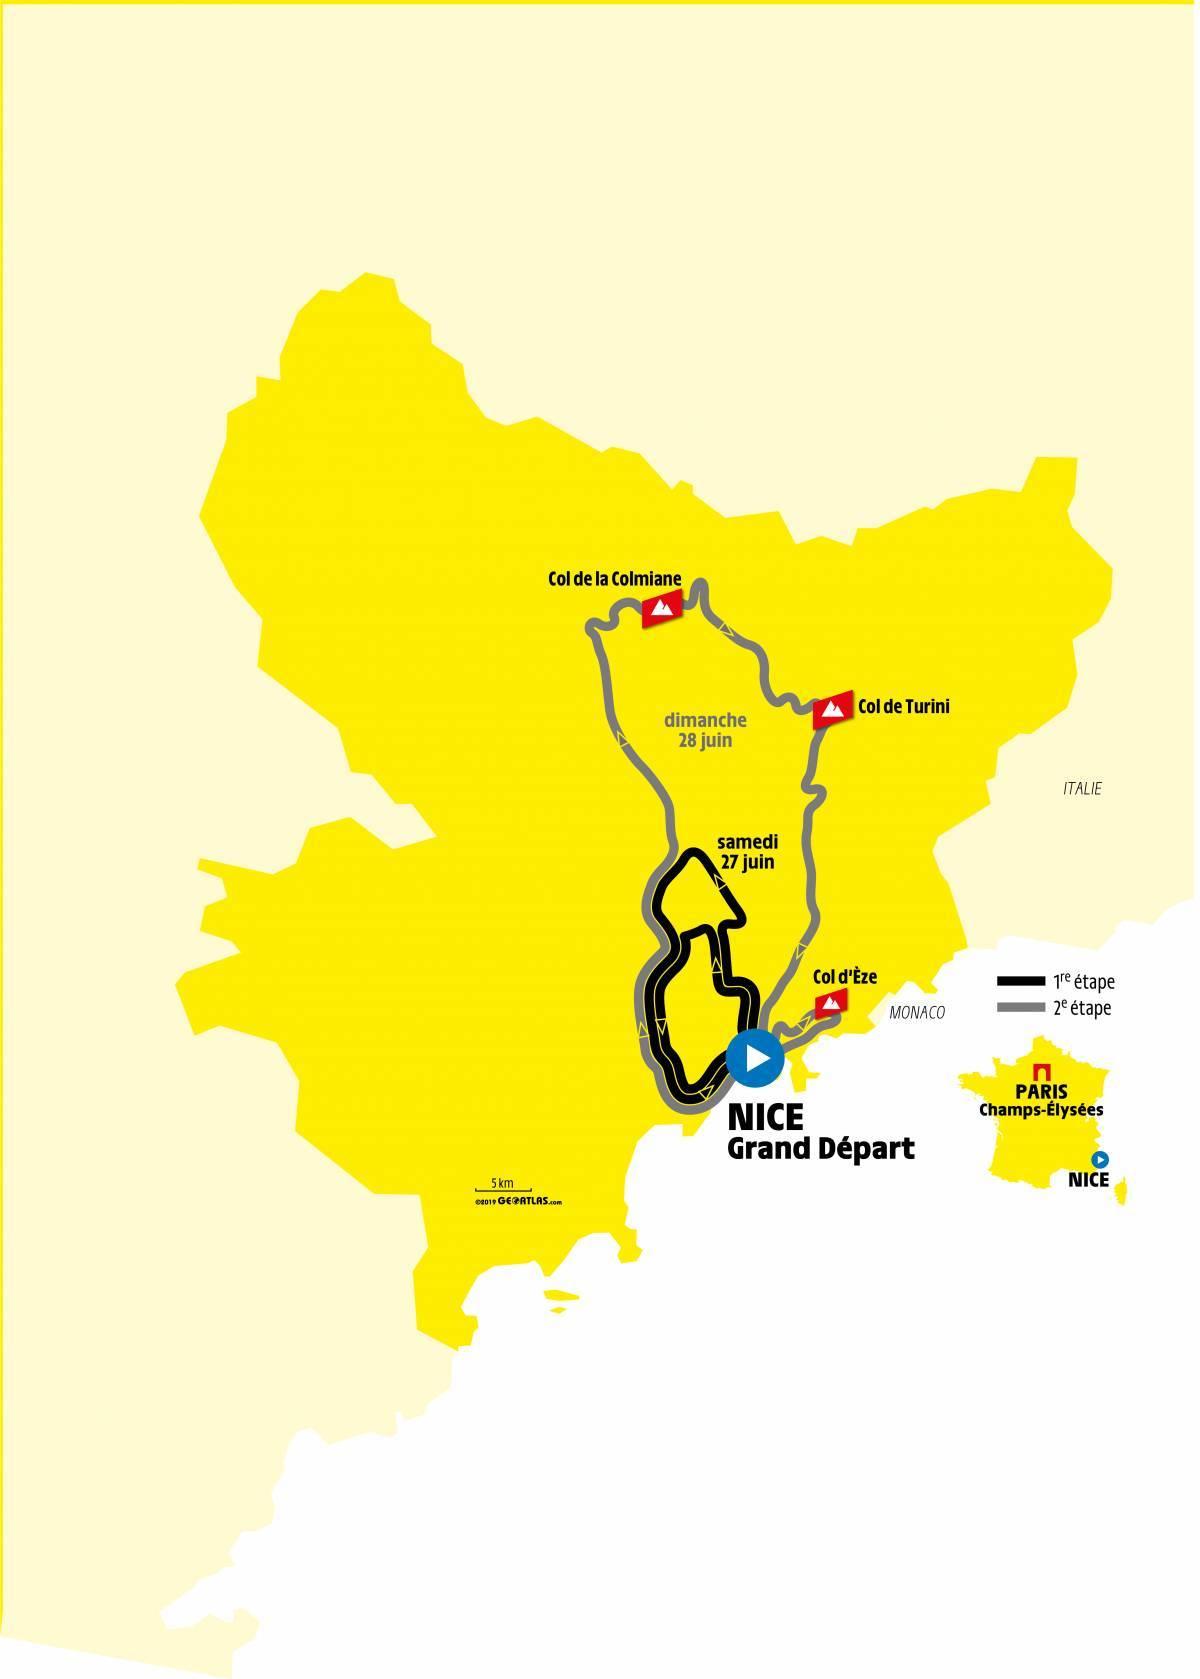 Circuit étapes 1 et 2 du Tour de France 2020 - Crédit ASO